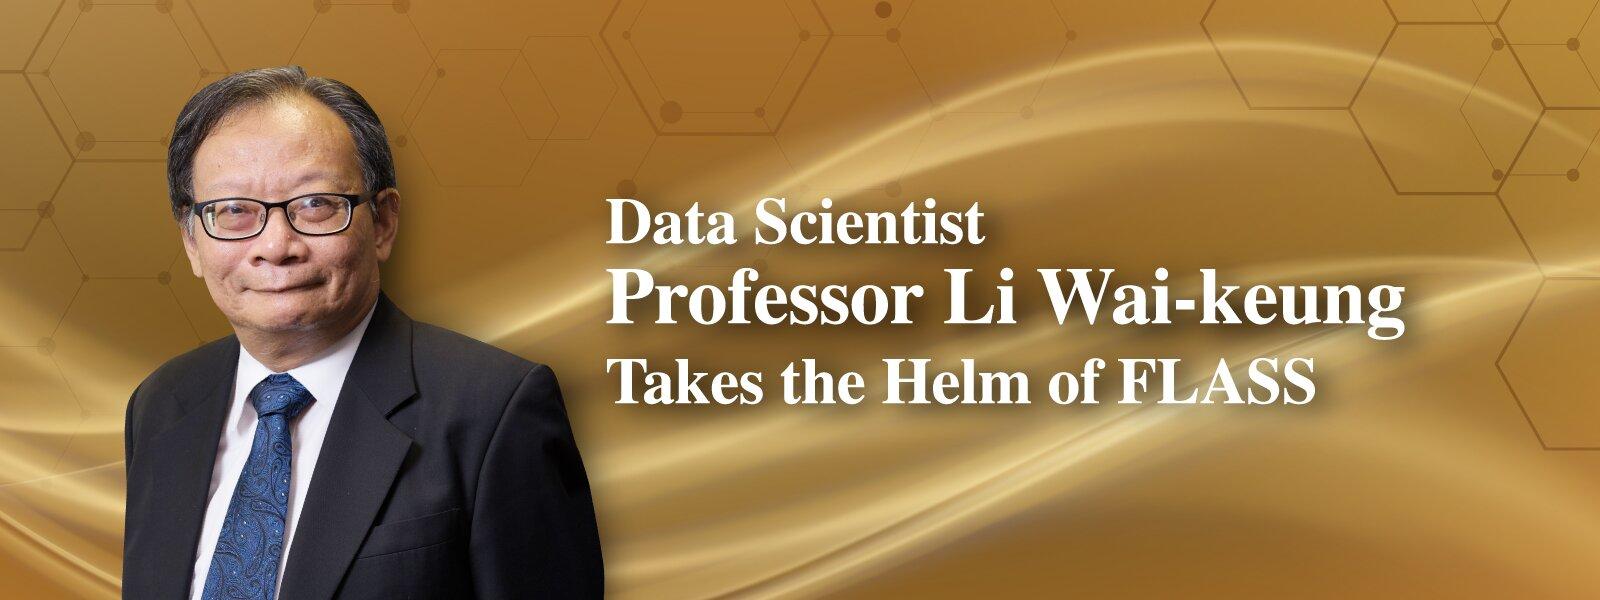 Professor Li Wai-keung